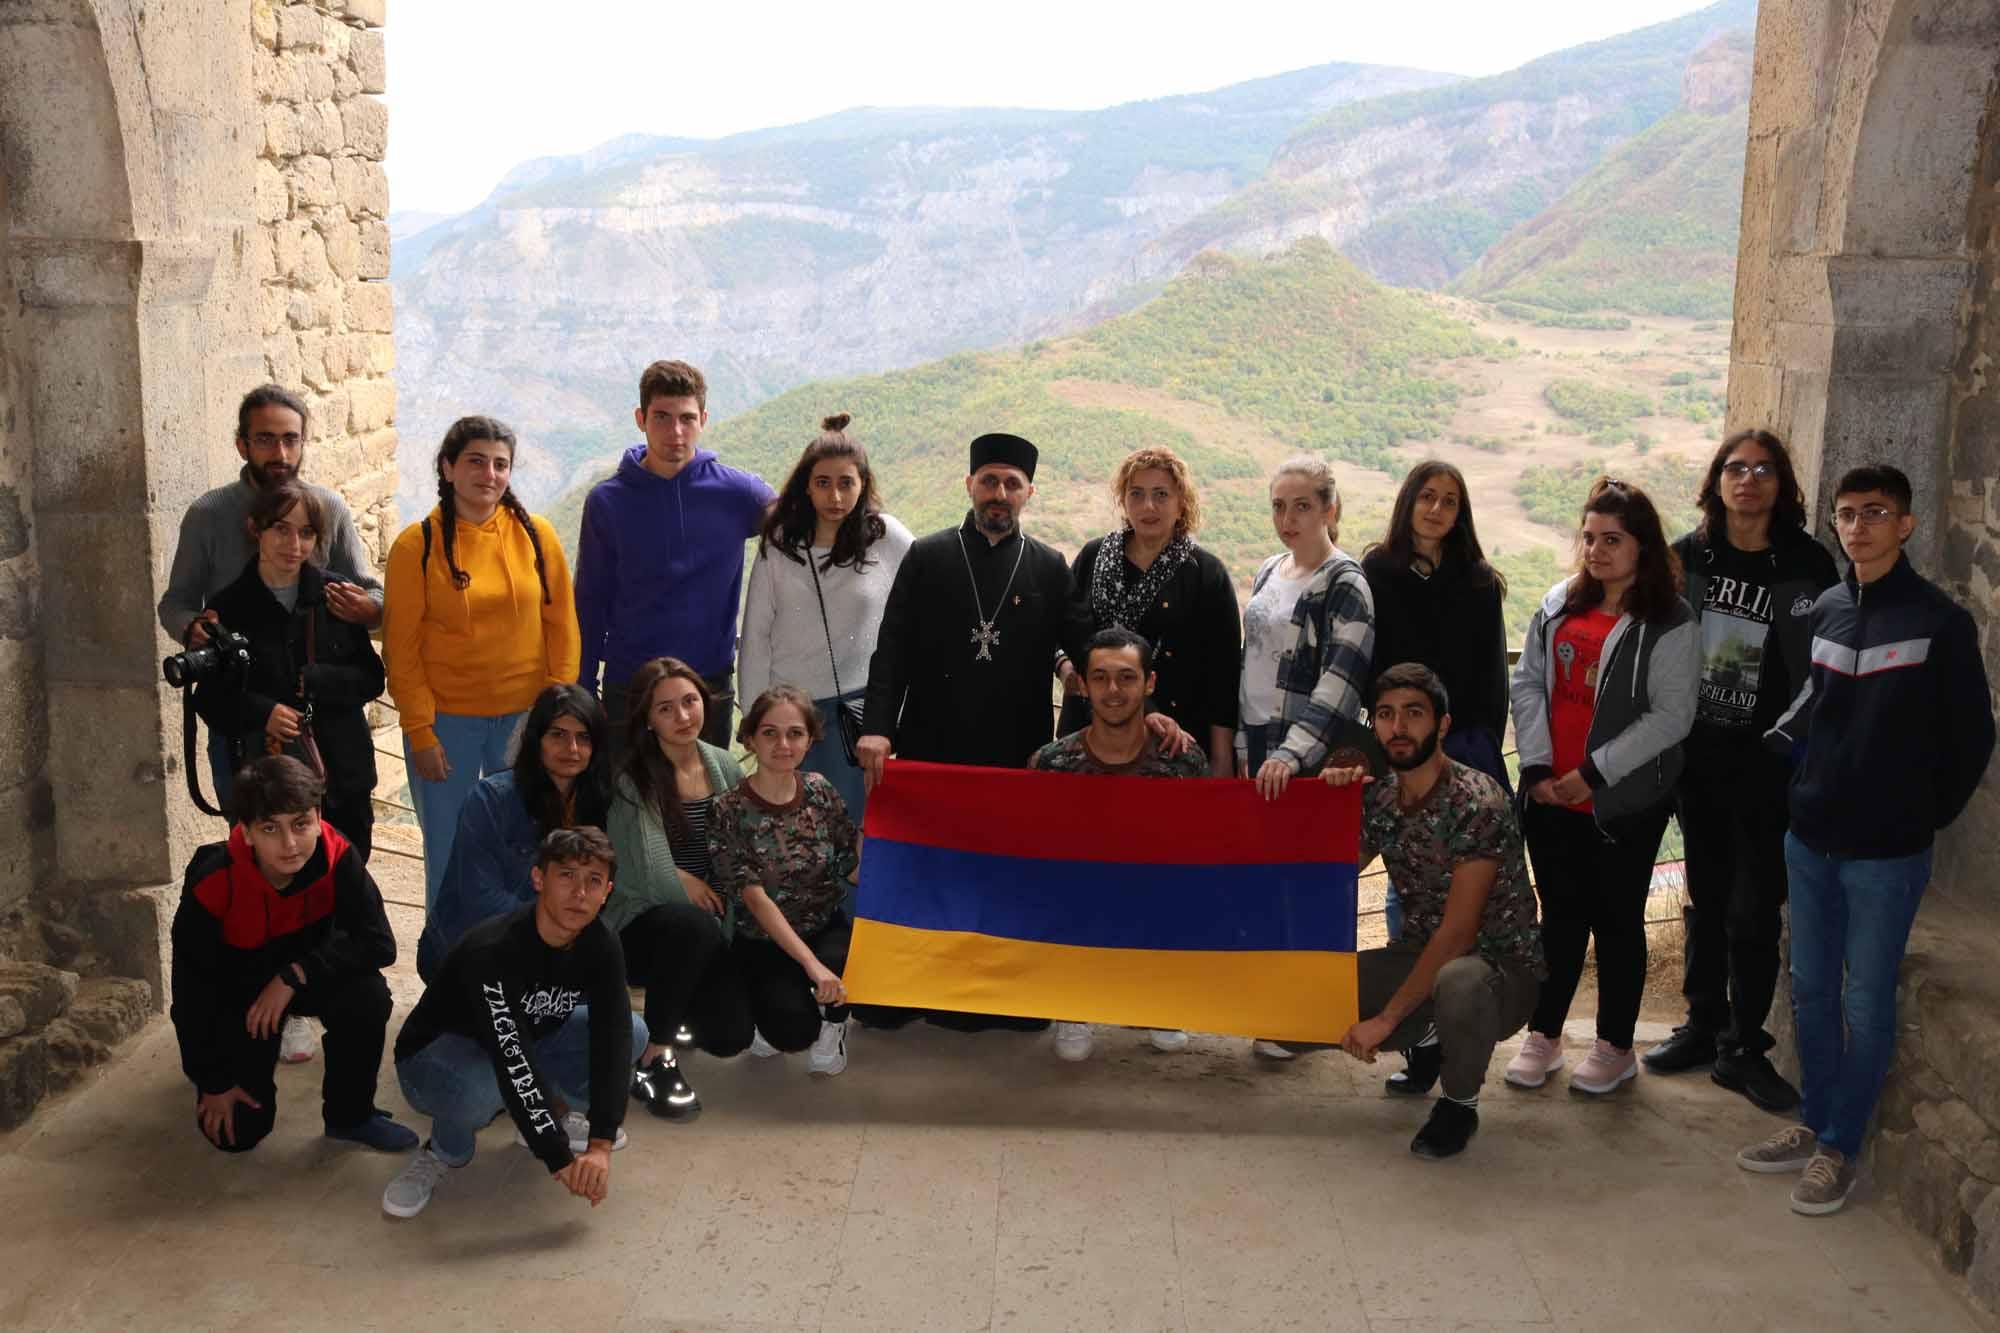 Познавательный визит армянской молодежи, проживающей в Грузии, на Родину